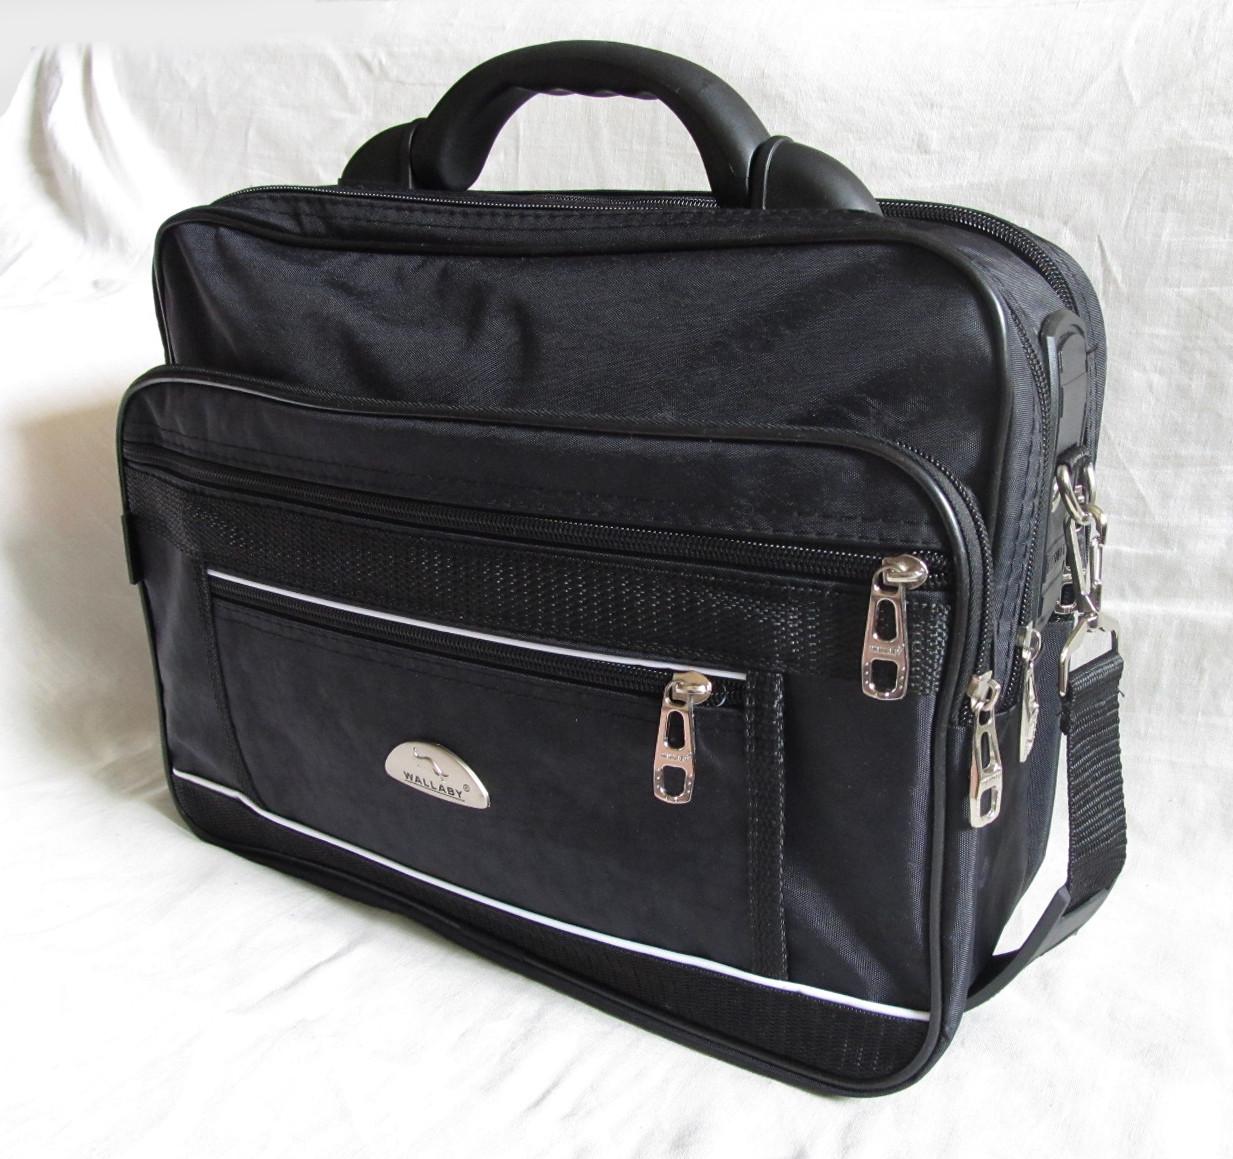 Мужская сумка полукаркасная элегантная папка на плечо портфель в2513 черная жатка 35х27х15см